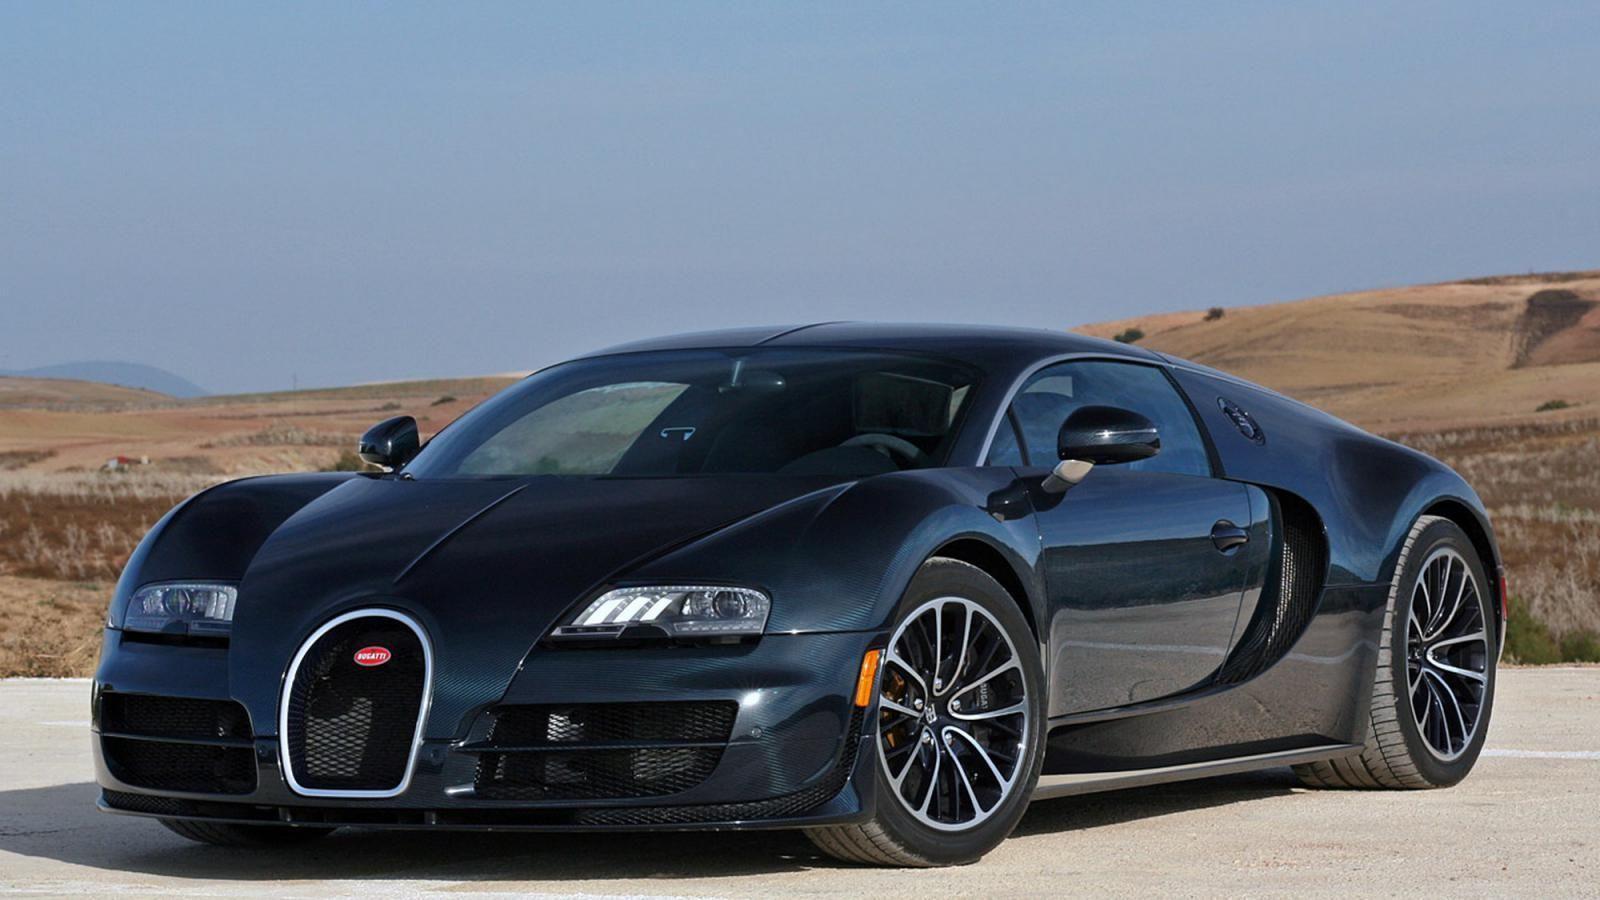 Image Result For Hd Car Wallpaper For Laptop Full Screen Sports Cars Bugatti Bugatti Cars Bugatti Veyron Super Sport